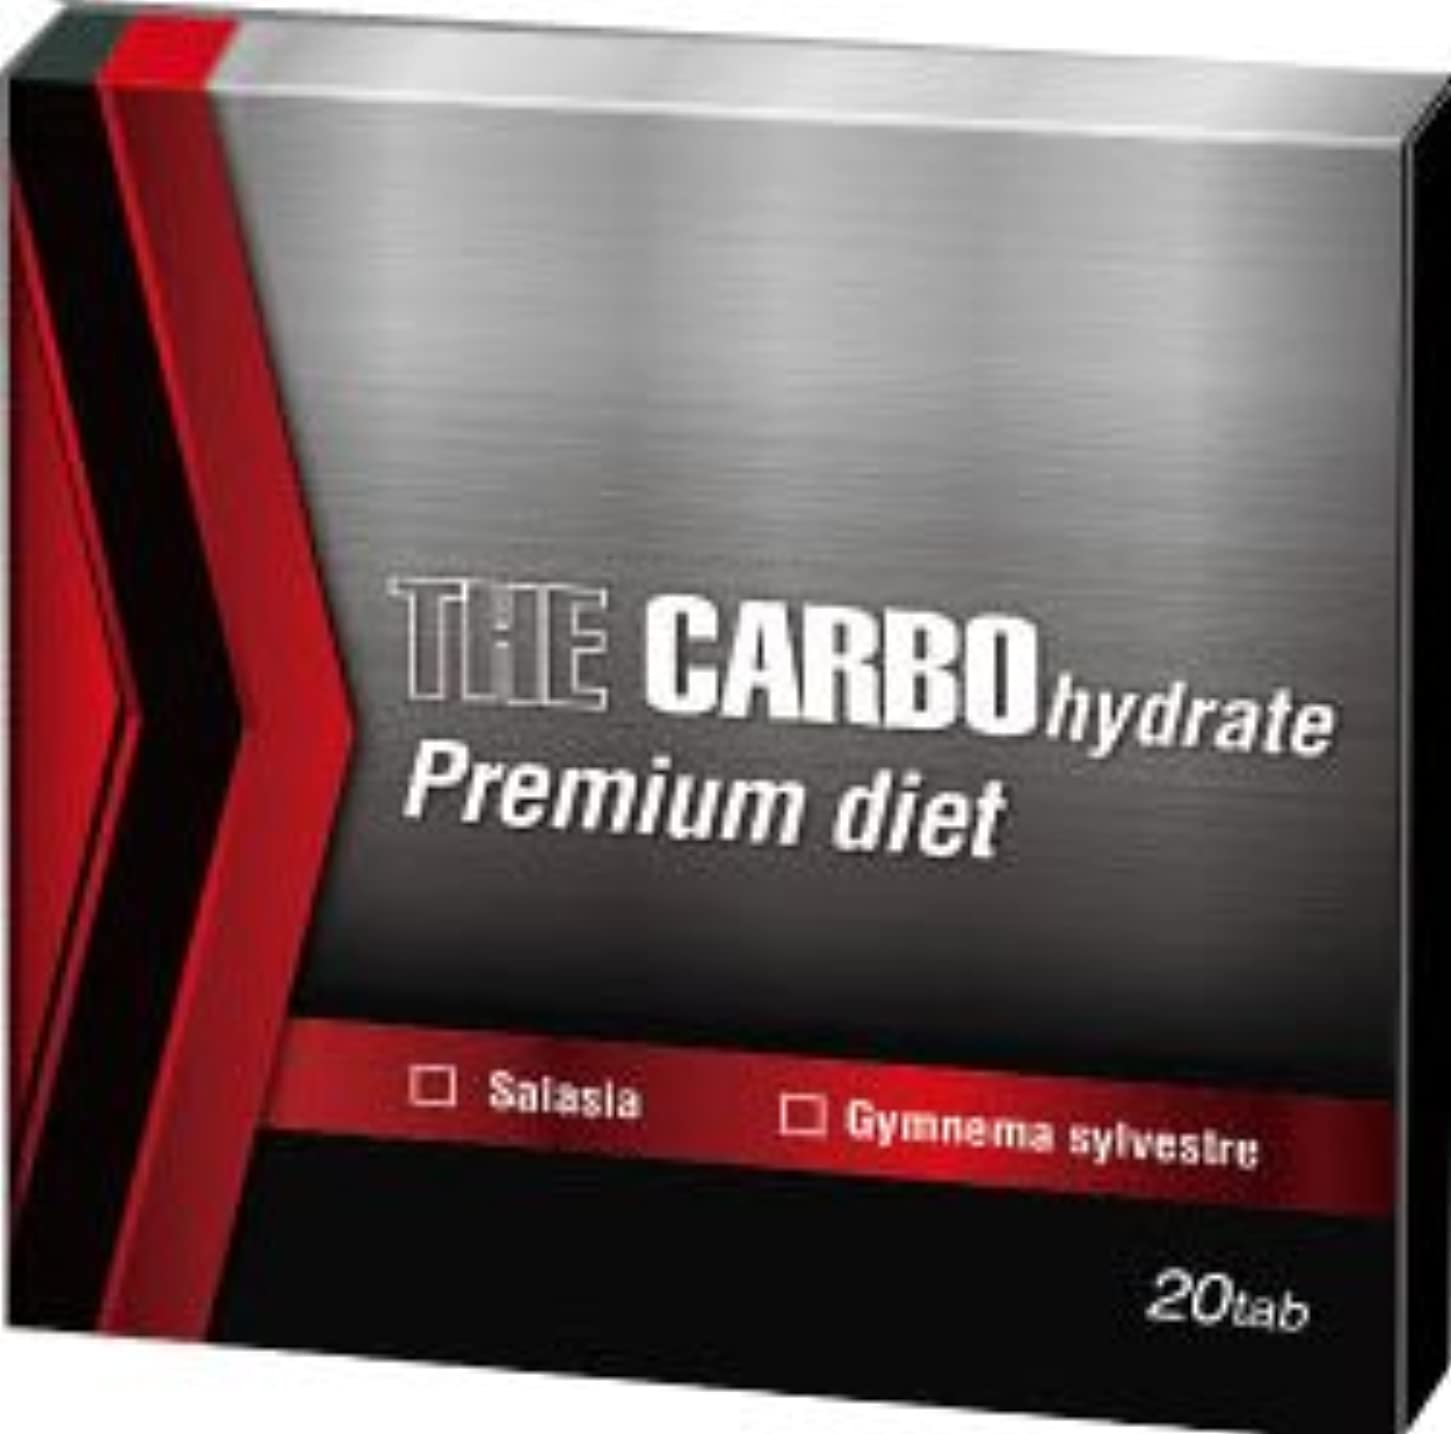 無秩序苦行聞きますザ?糖質プレミアムダイエット20Tab〔THE CARBO hydrate Premium daiet〕